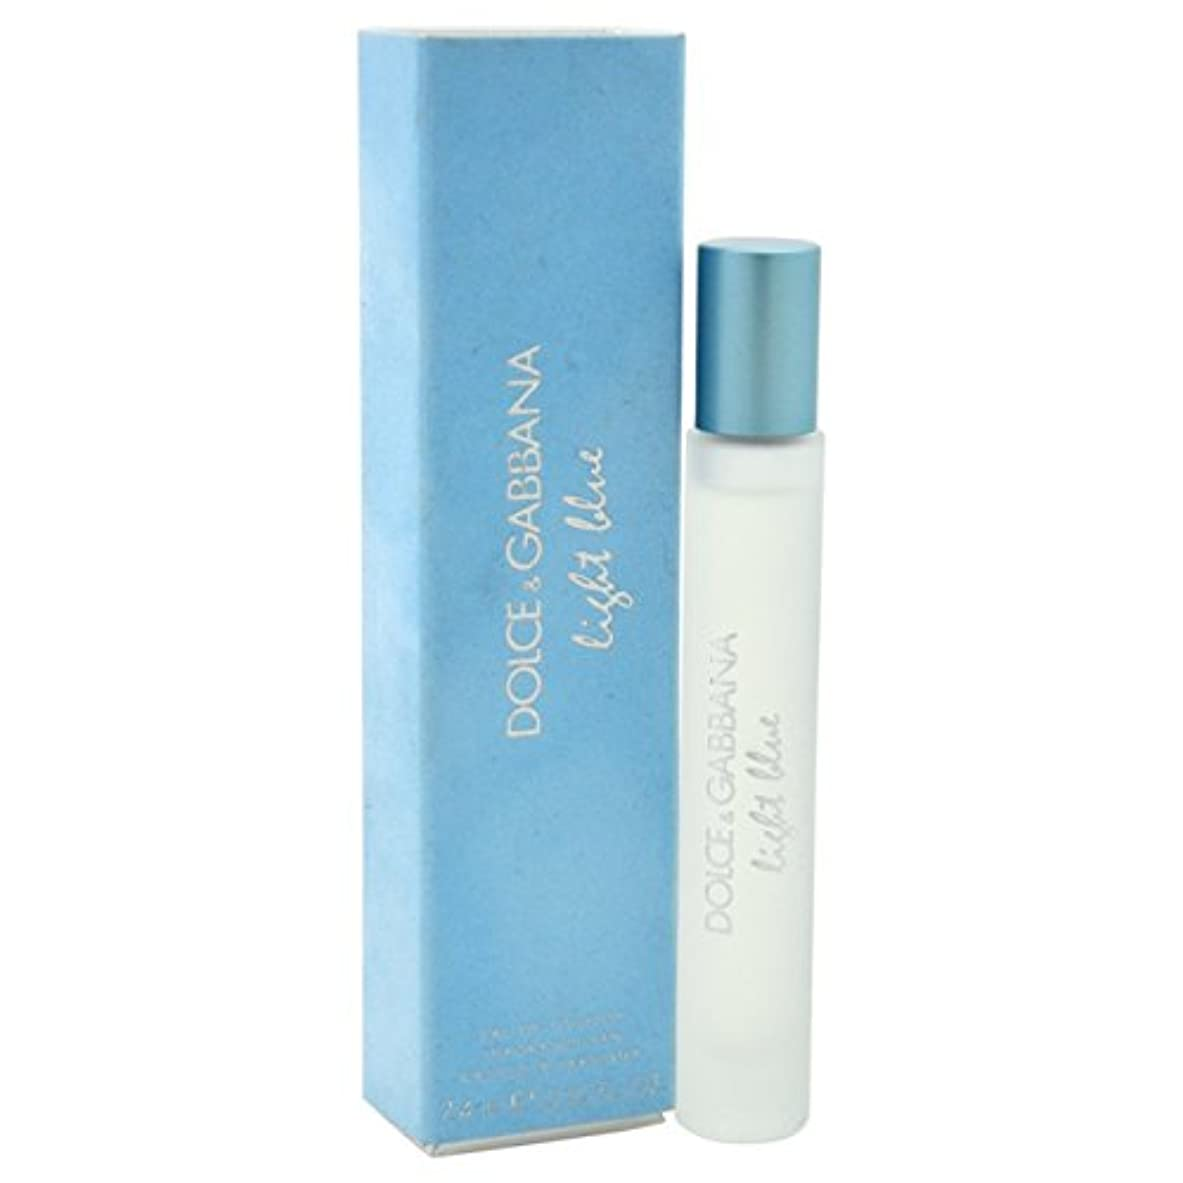 貸す電気スリルLight Blue (ライトブルー) 0.25oz (7.5ml) EDT Rollerball (ロールオン) by Dolce & Gabbana for Women